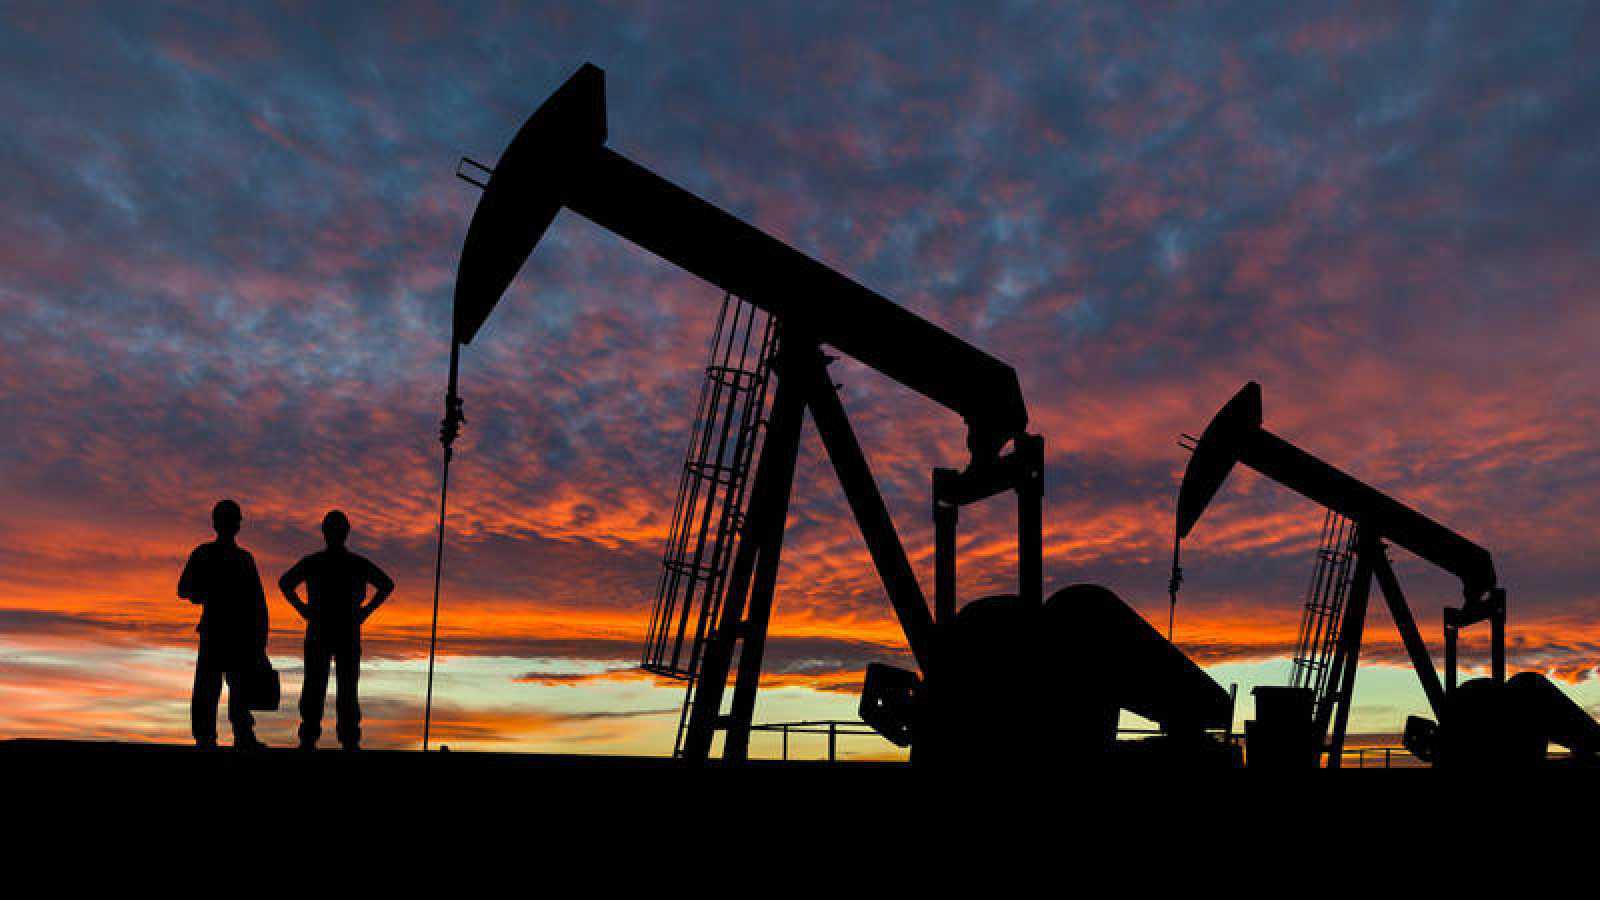 Giá xăng dầu bất ngờ giảm mạnh 791 đồng/lít trong ngày đầu năm mới - Ảnh 2.